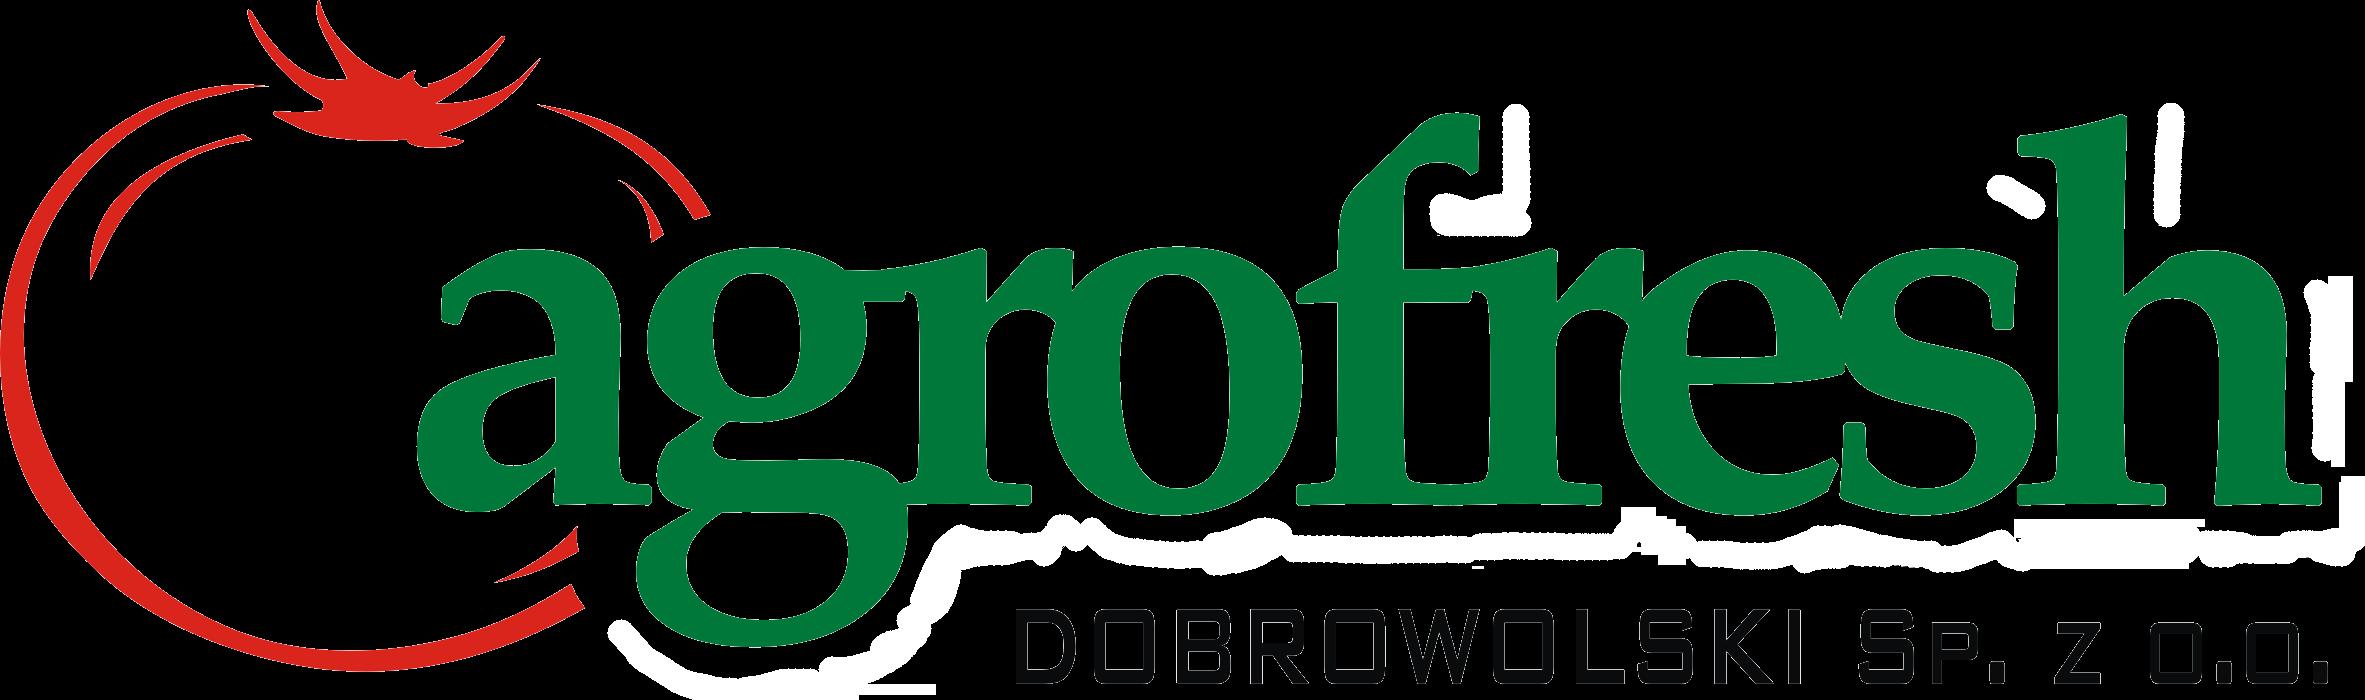 Agrofresh Dobrowolski | Producent i dostawca warzyw i owoców